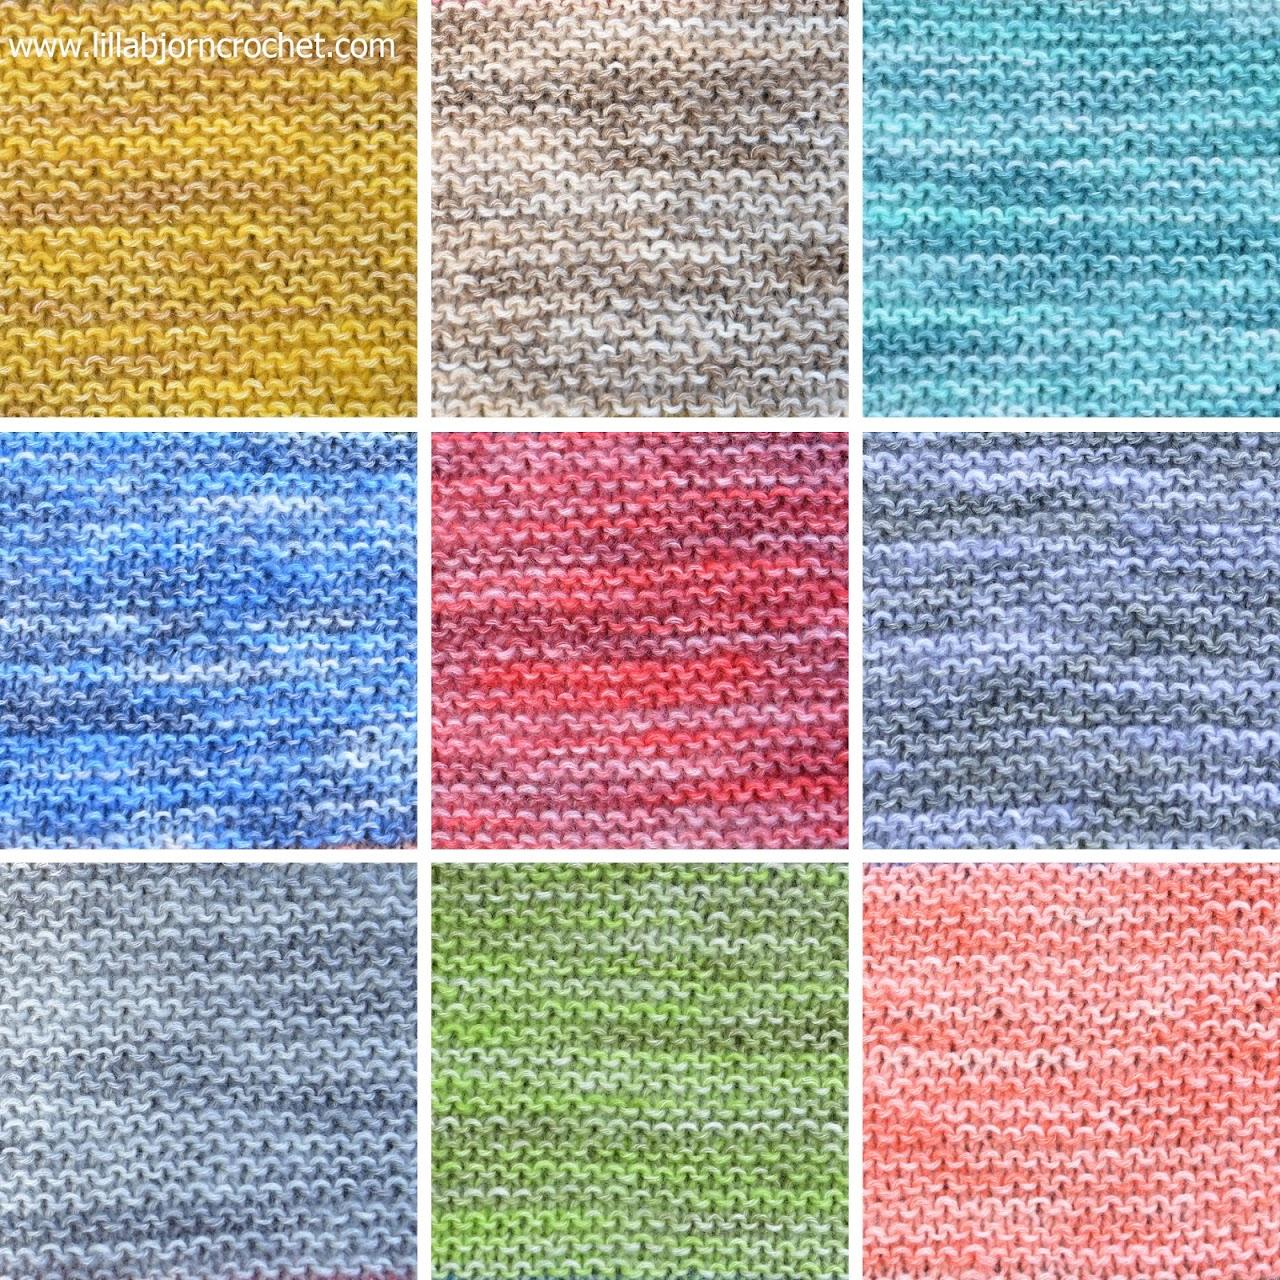 Simple knitted baby blanket with garter stitch. Made with Spirit yarn by Scheepjes. Design by Lilla Brjon Crochet